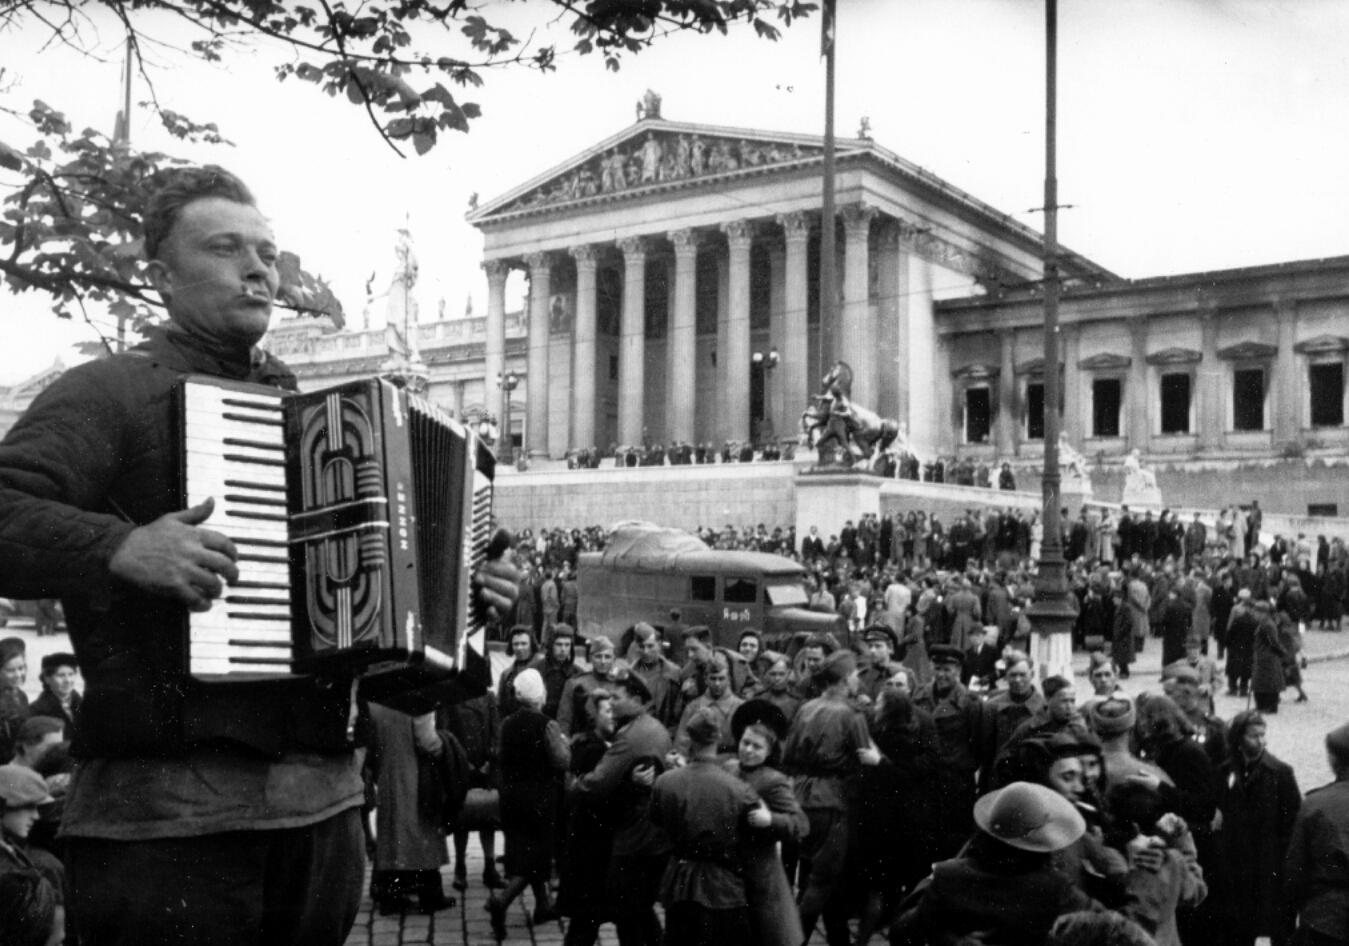 Жители Вены приветствуют советских солдат-освободителей. Апрель 1945 [Embassy of Russia in Vienna]